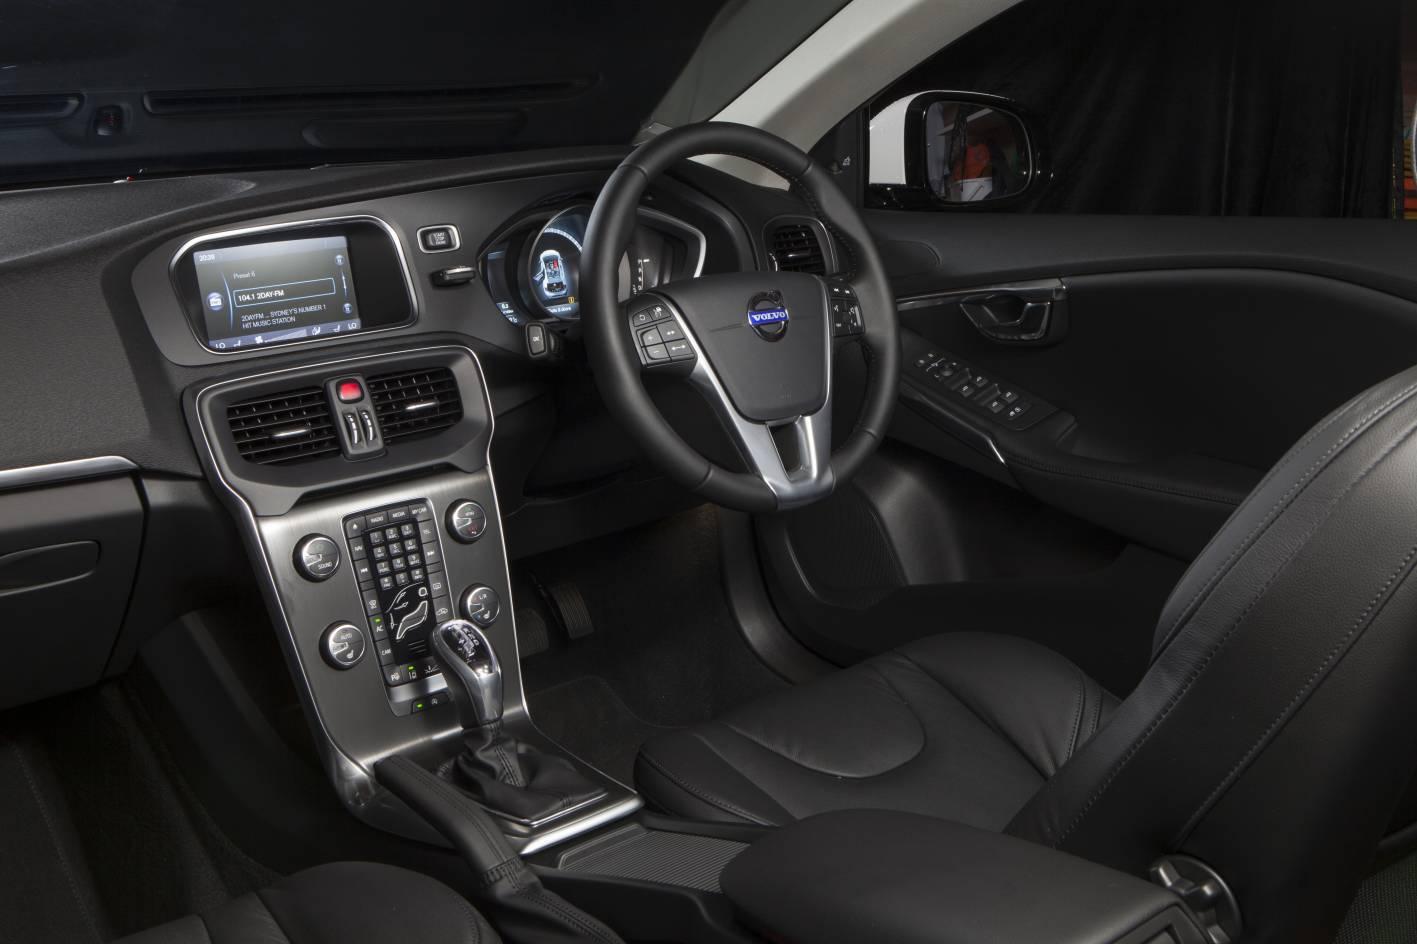 Volvo_V40_7_Interior